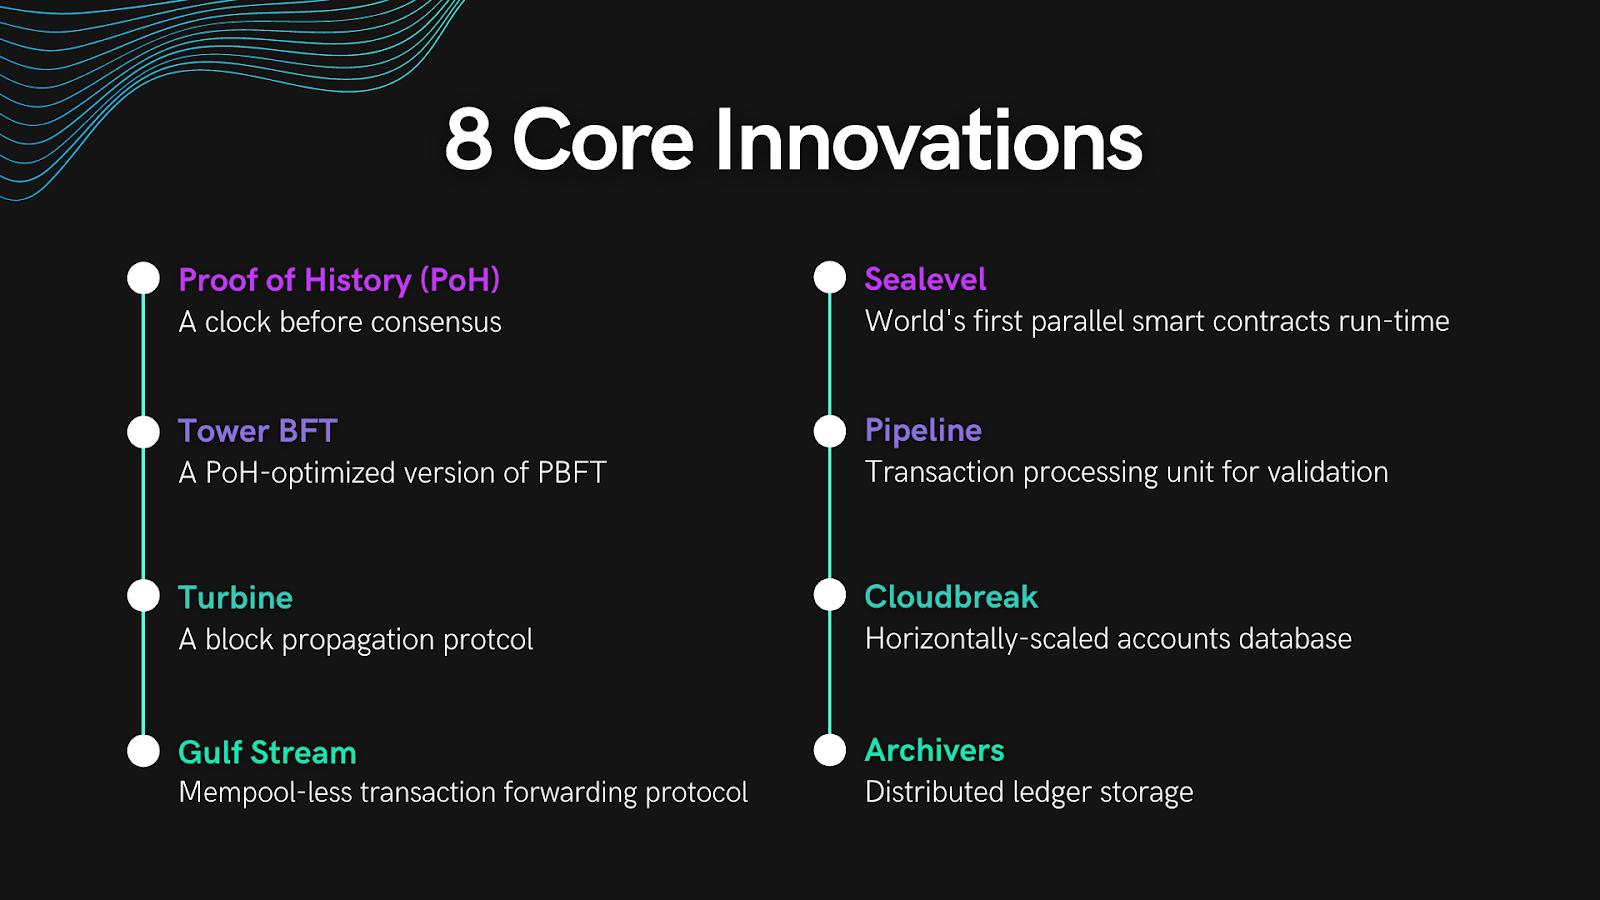 Solana's 8 core innovations